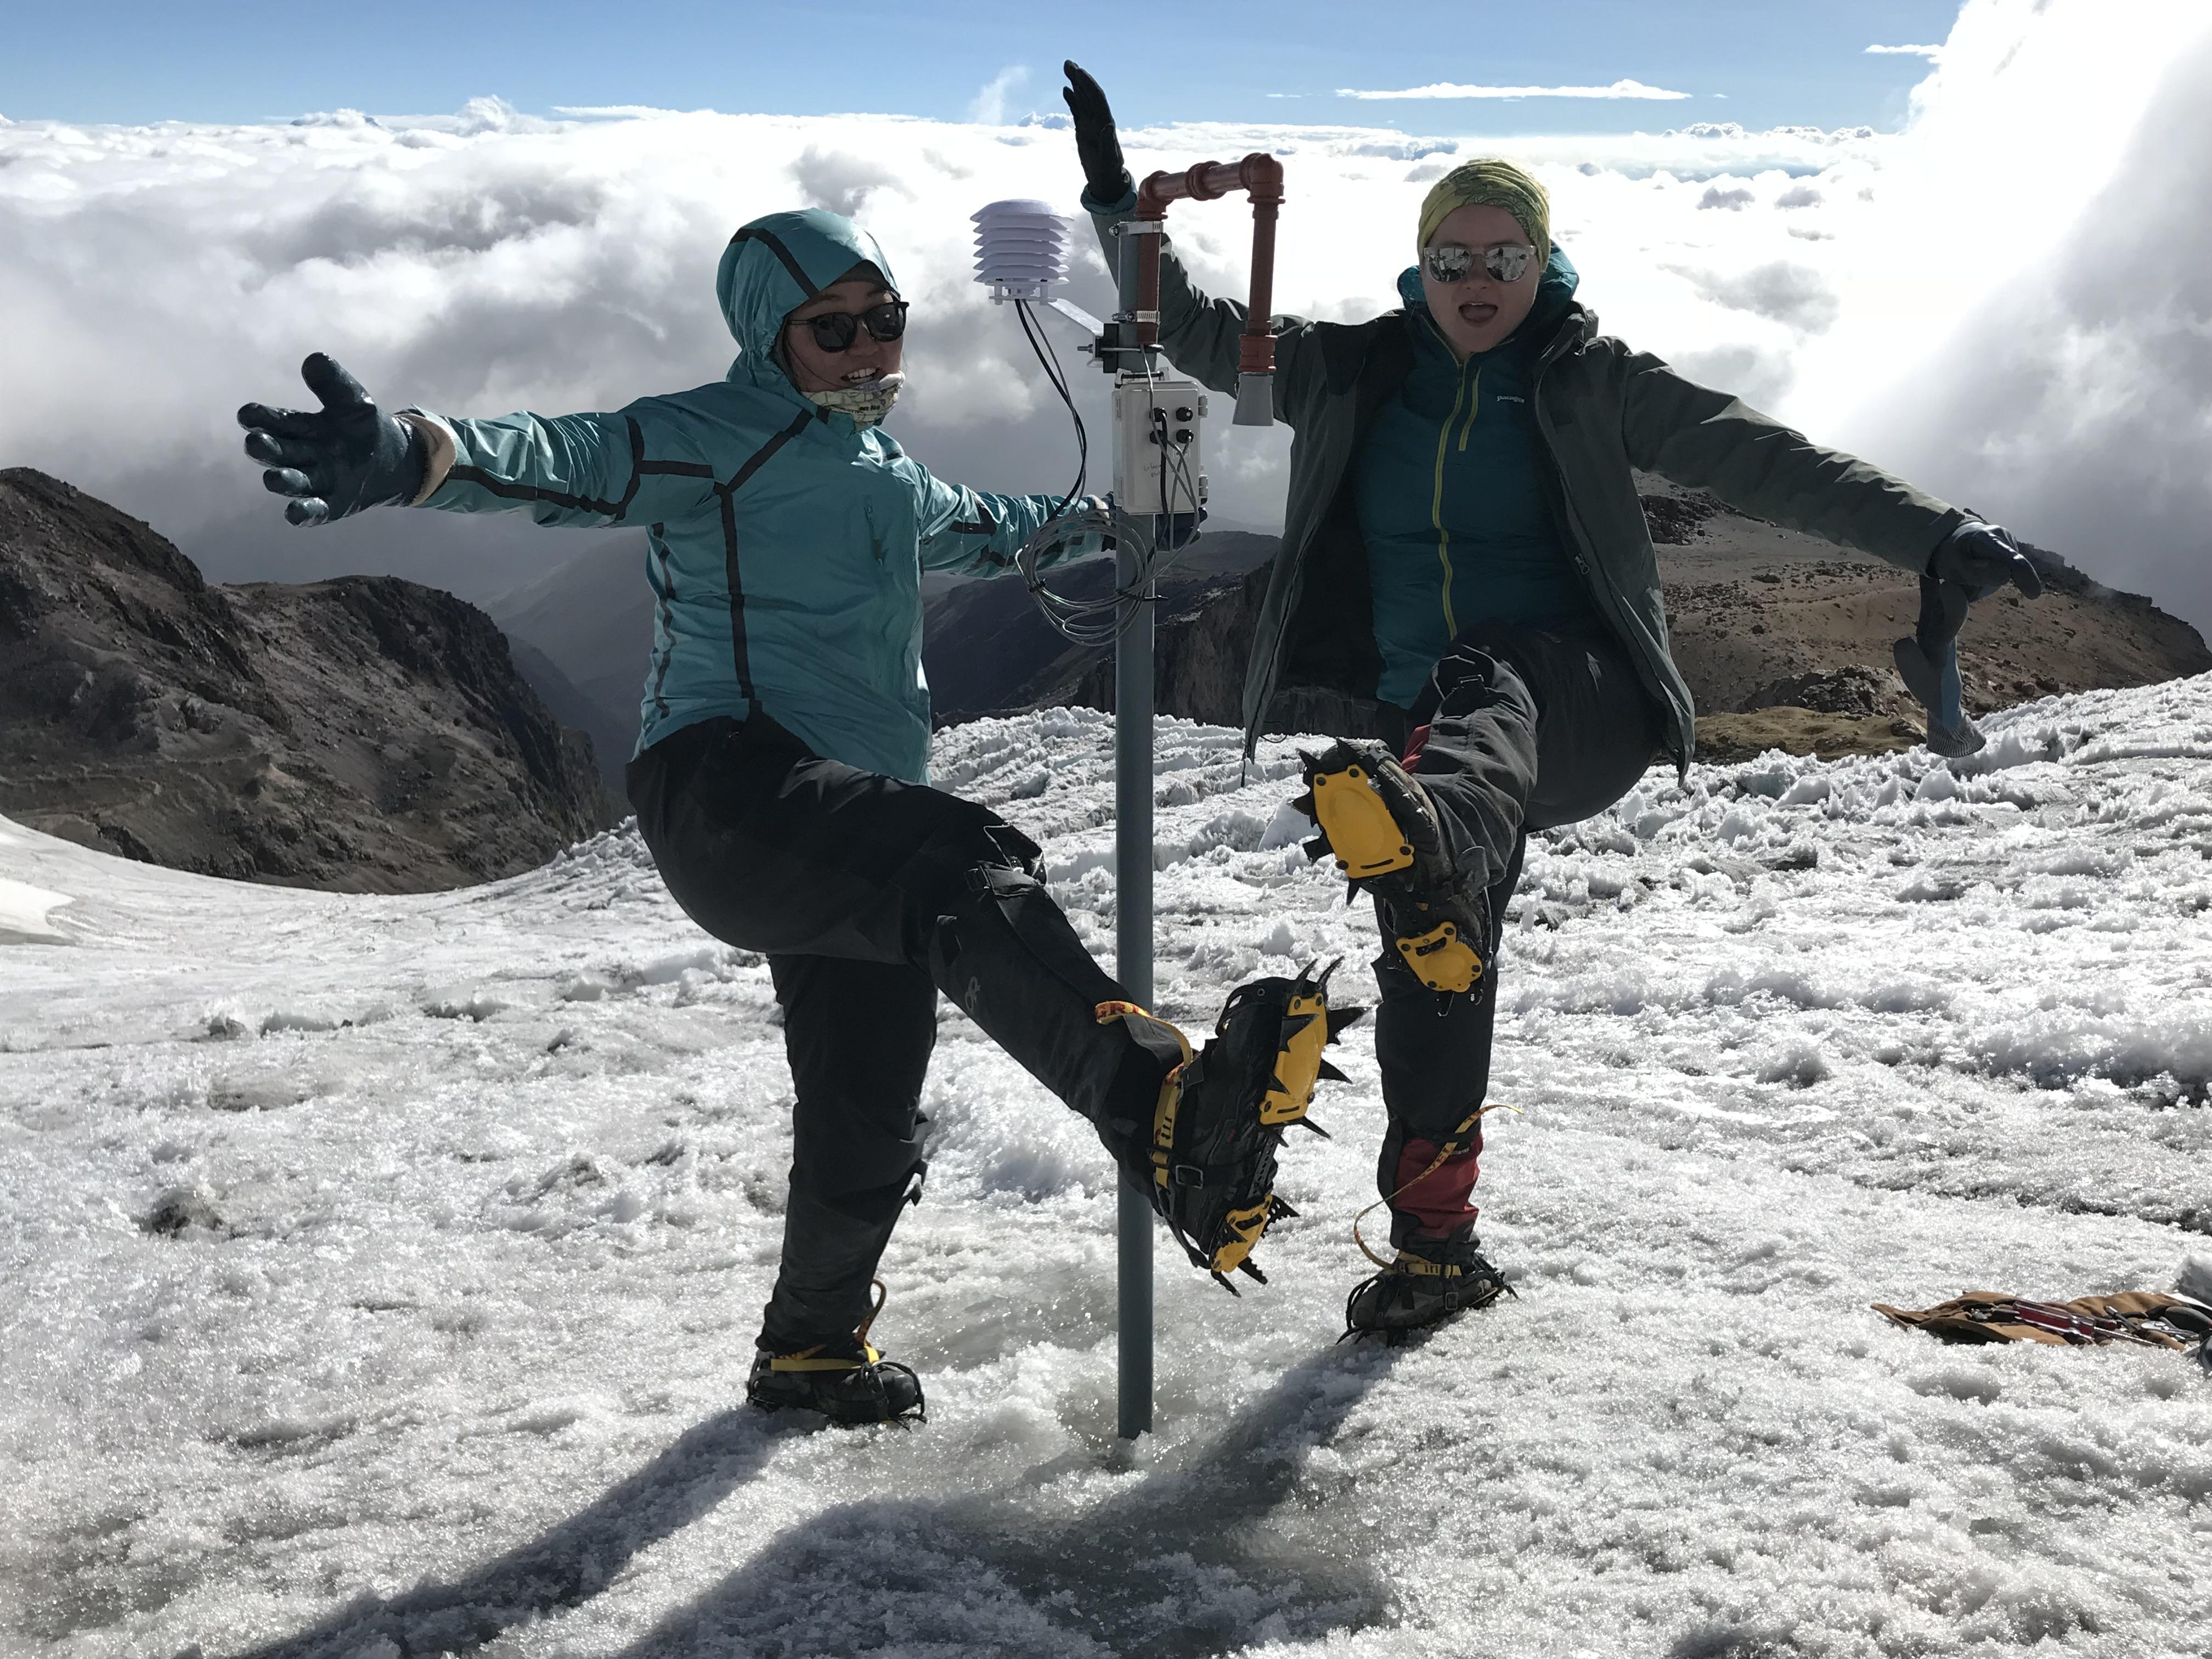 Chloe Hanna Ecuador glacier Jan 2019